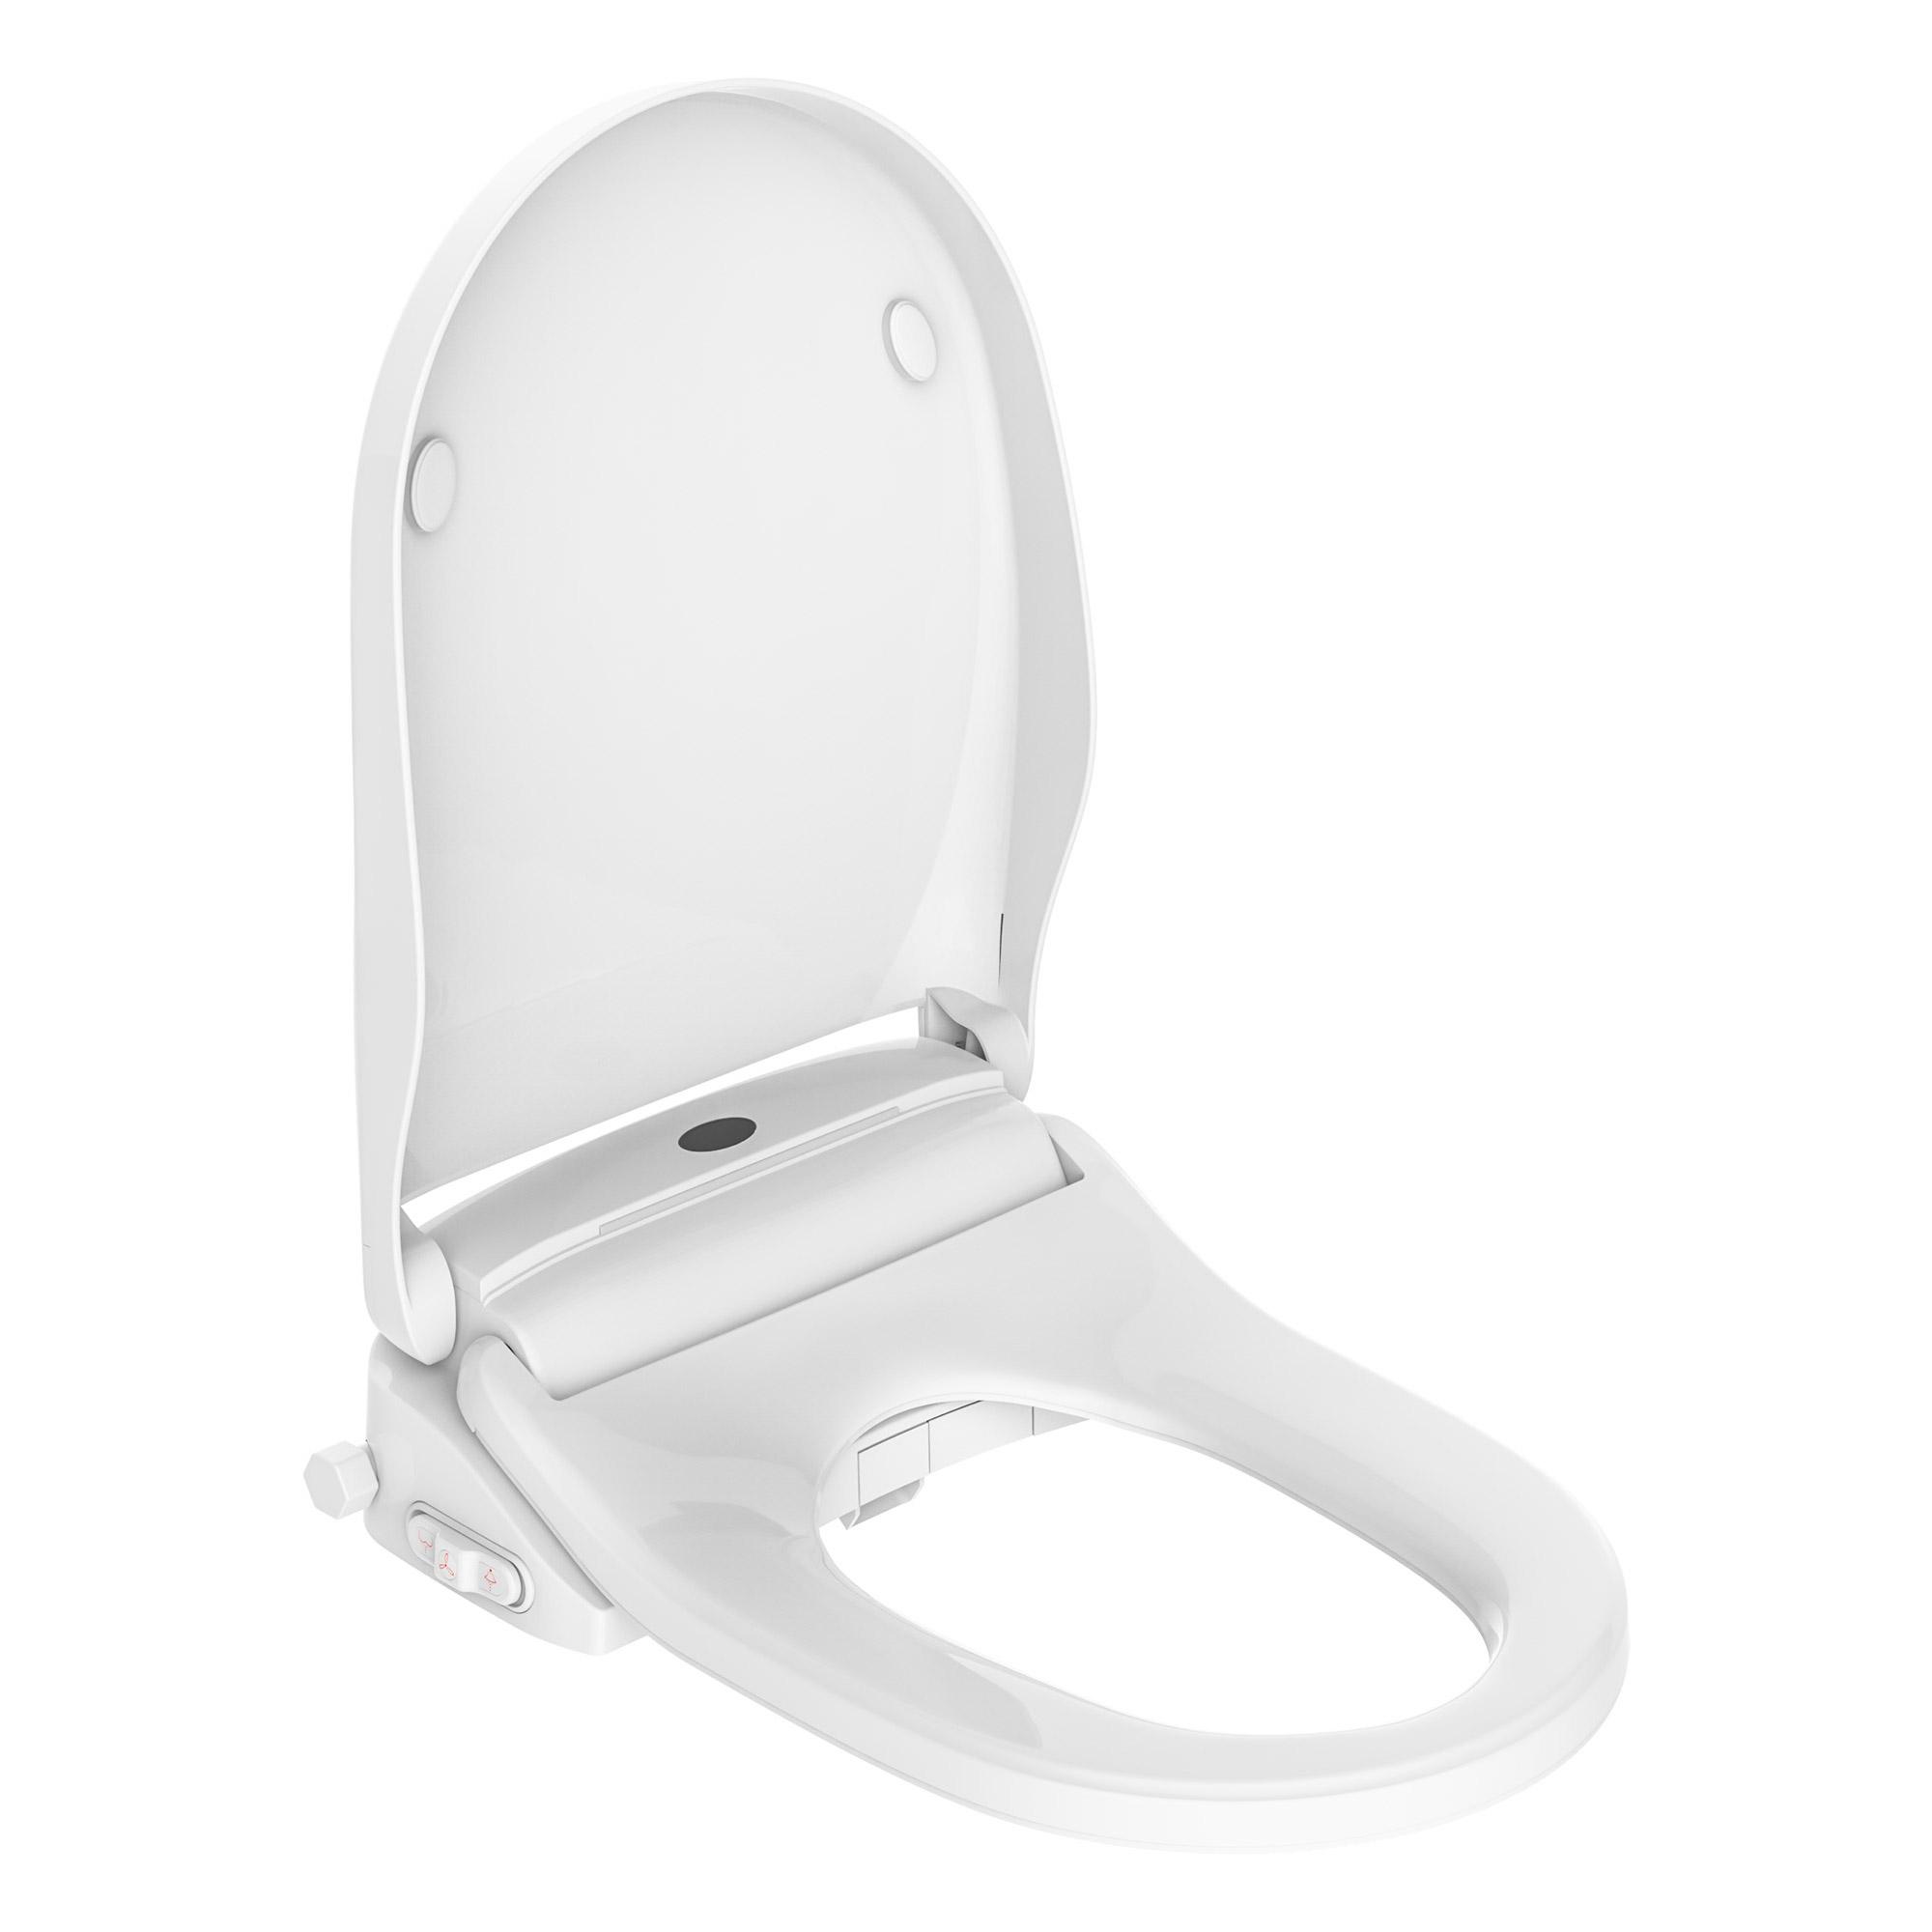 Pleasing Smart Bidet Toilet Seat Dlucci Short Links Chair Design For Home Short Linksinfo